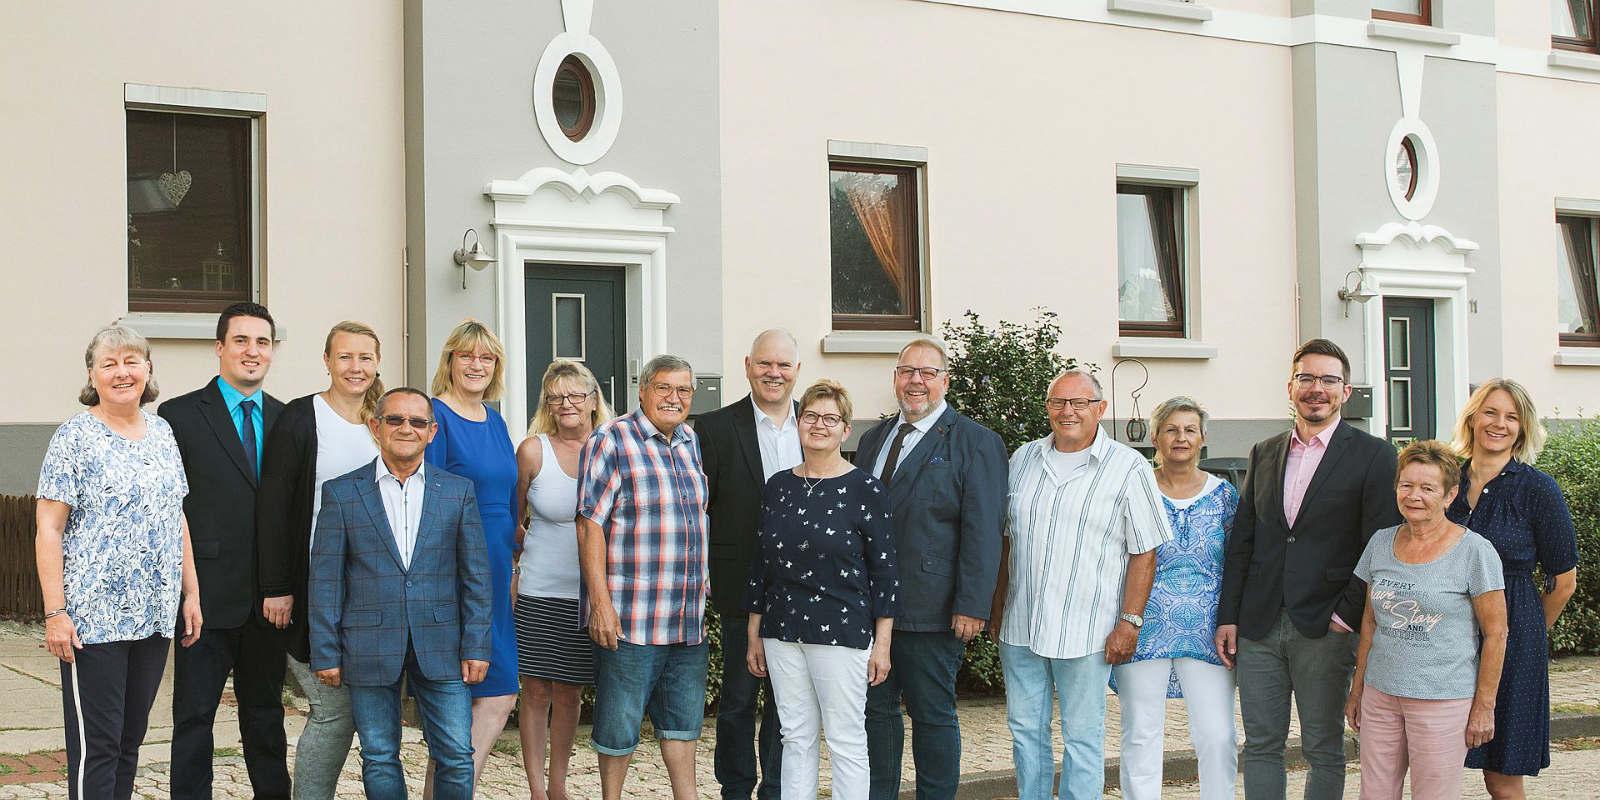 Das Team der Bau- und Wohnungsgenossenschaft Weyhe